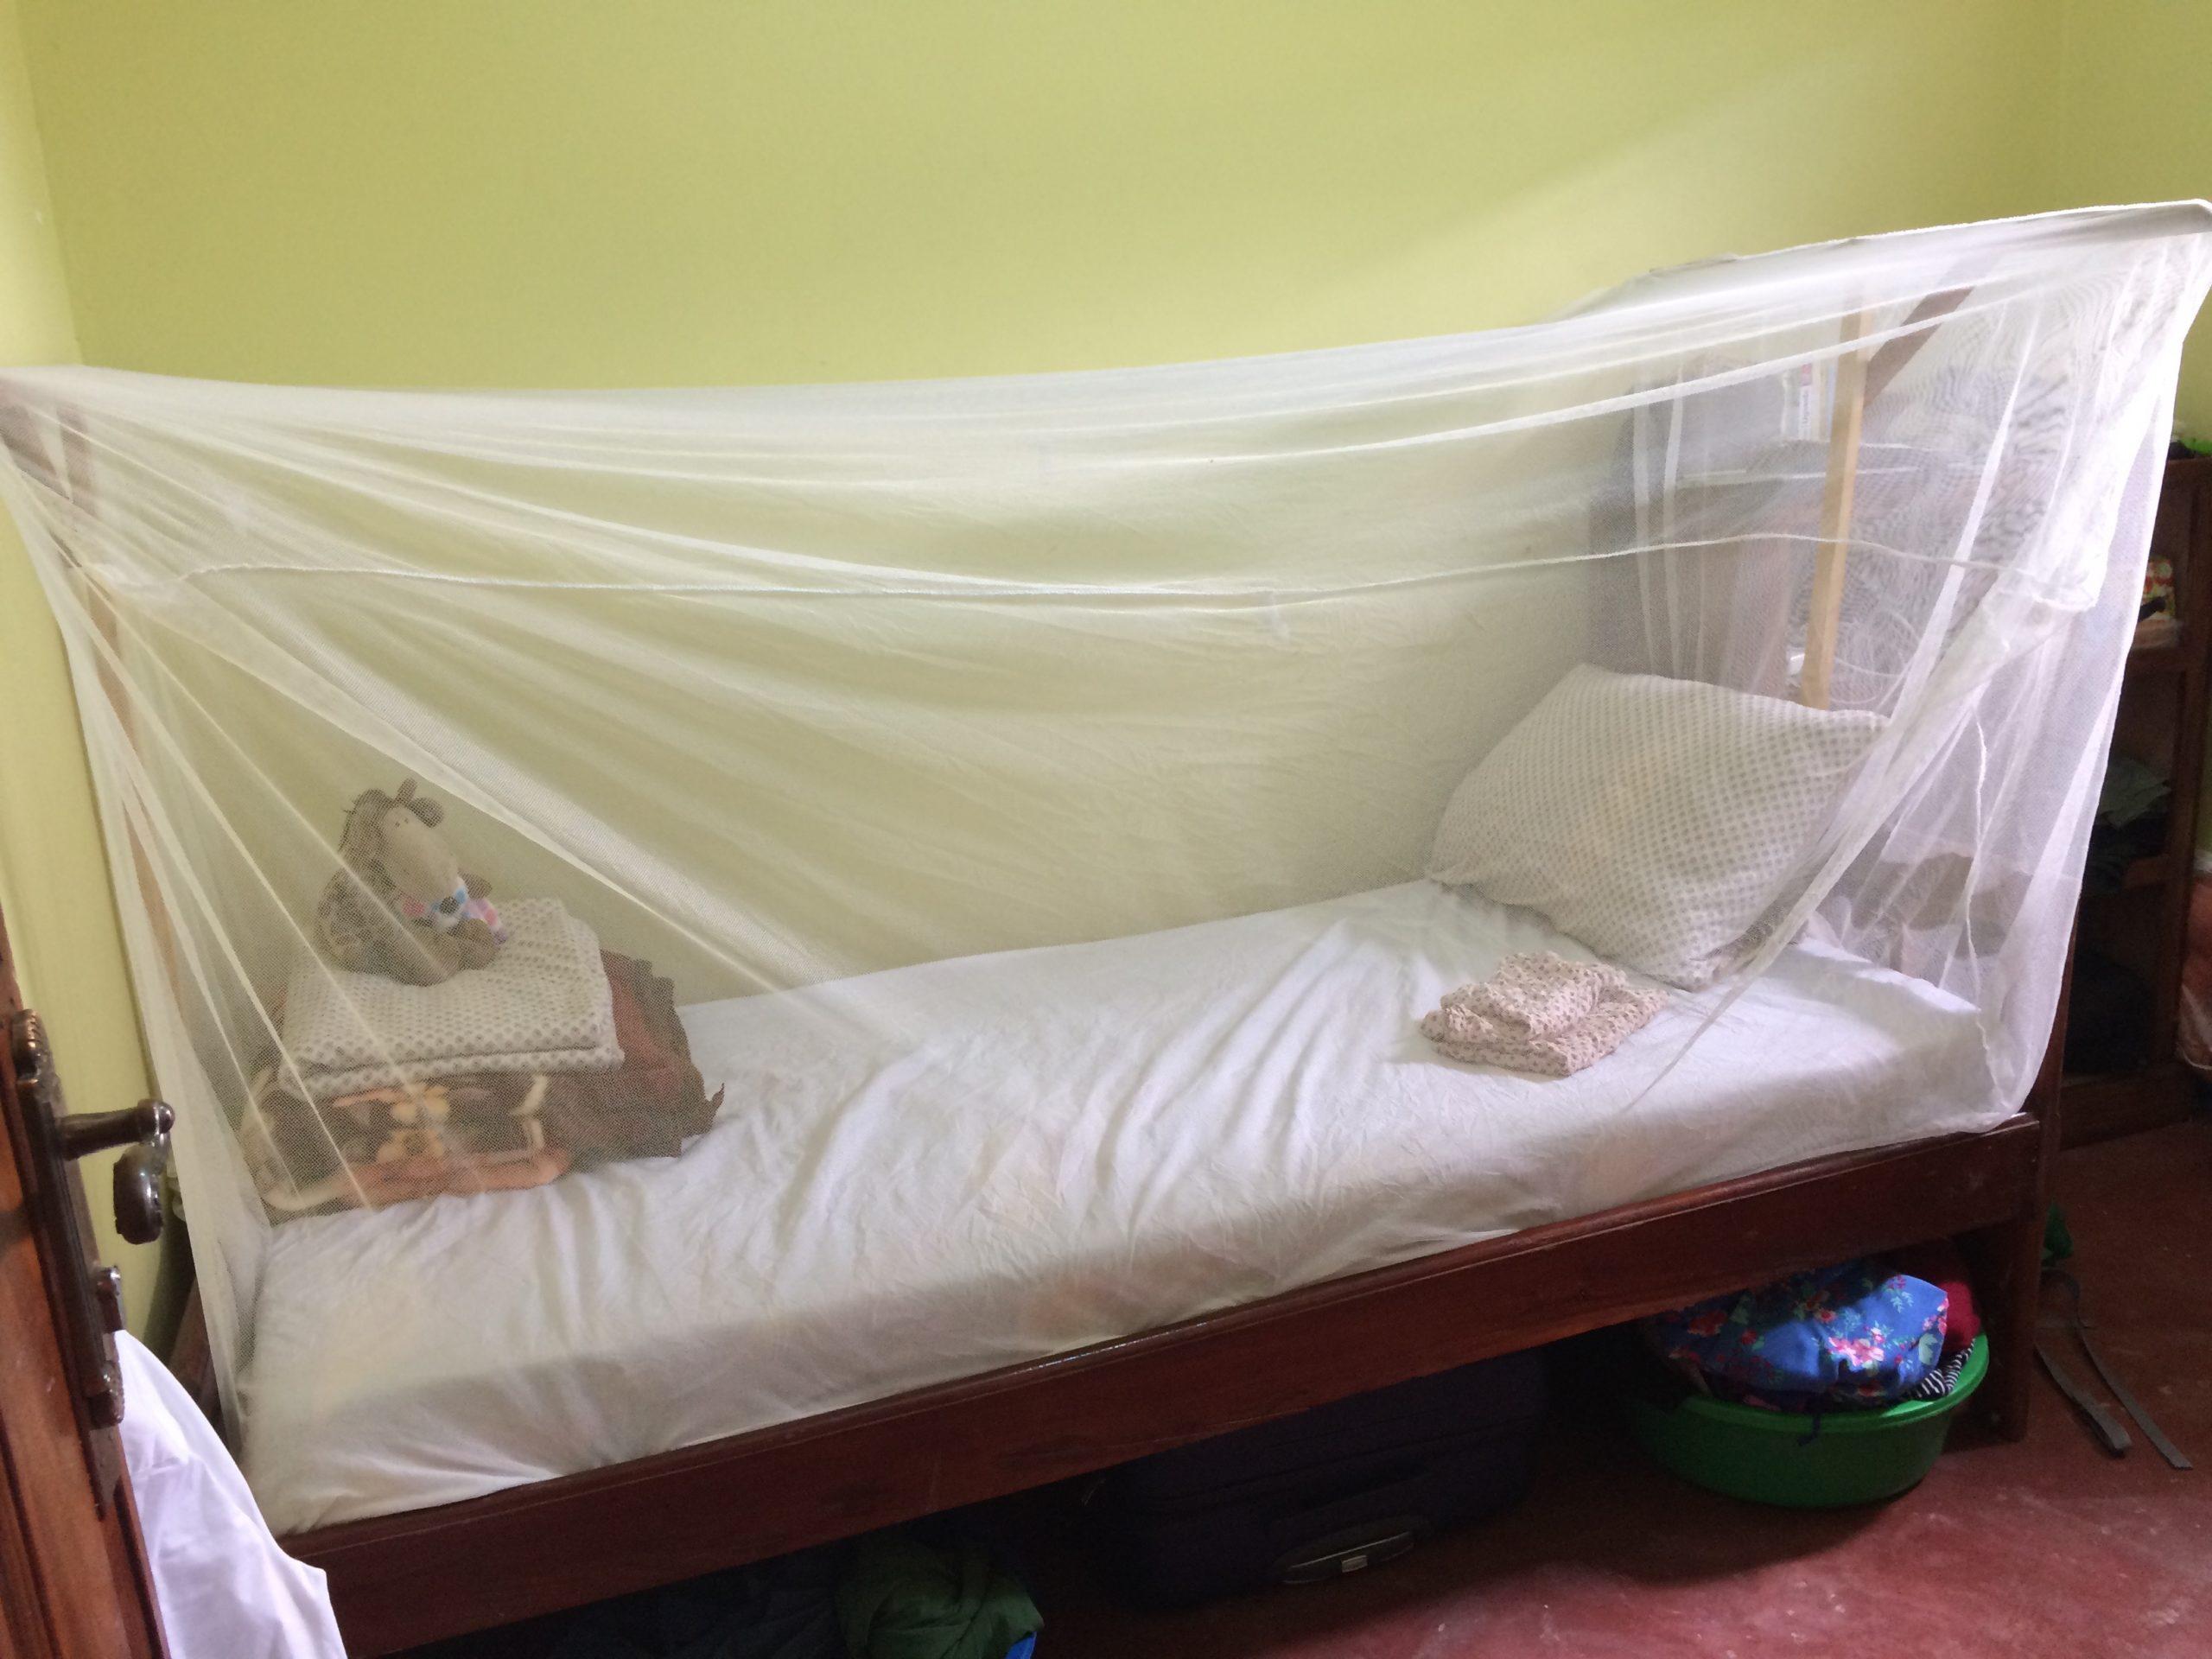 Einfaches, schmales Bett in einem kleinen Zimmer. Braun rote Fußboden, gelb grüne Wand. Auf dem Bet ist das Bettzeug zusammengefaltet und eine Plüschgiraffe zu sehen. Über dem Bett ist ein Moskitonetz gespannt.